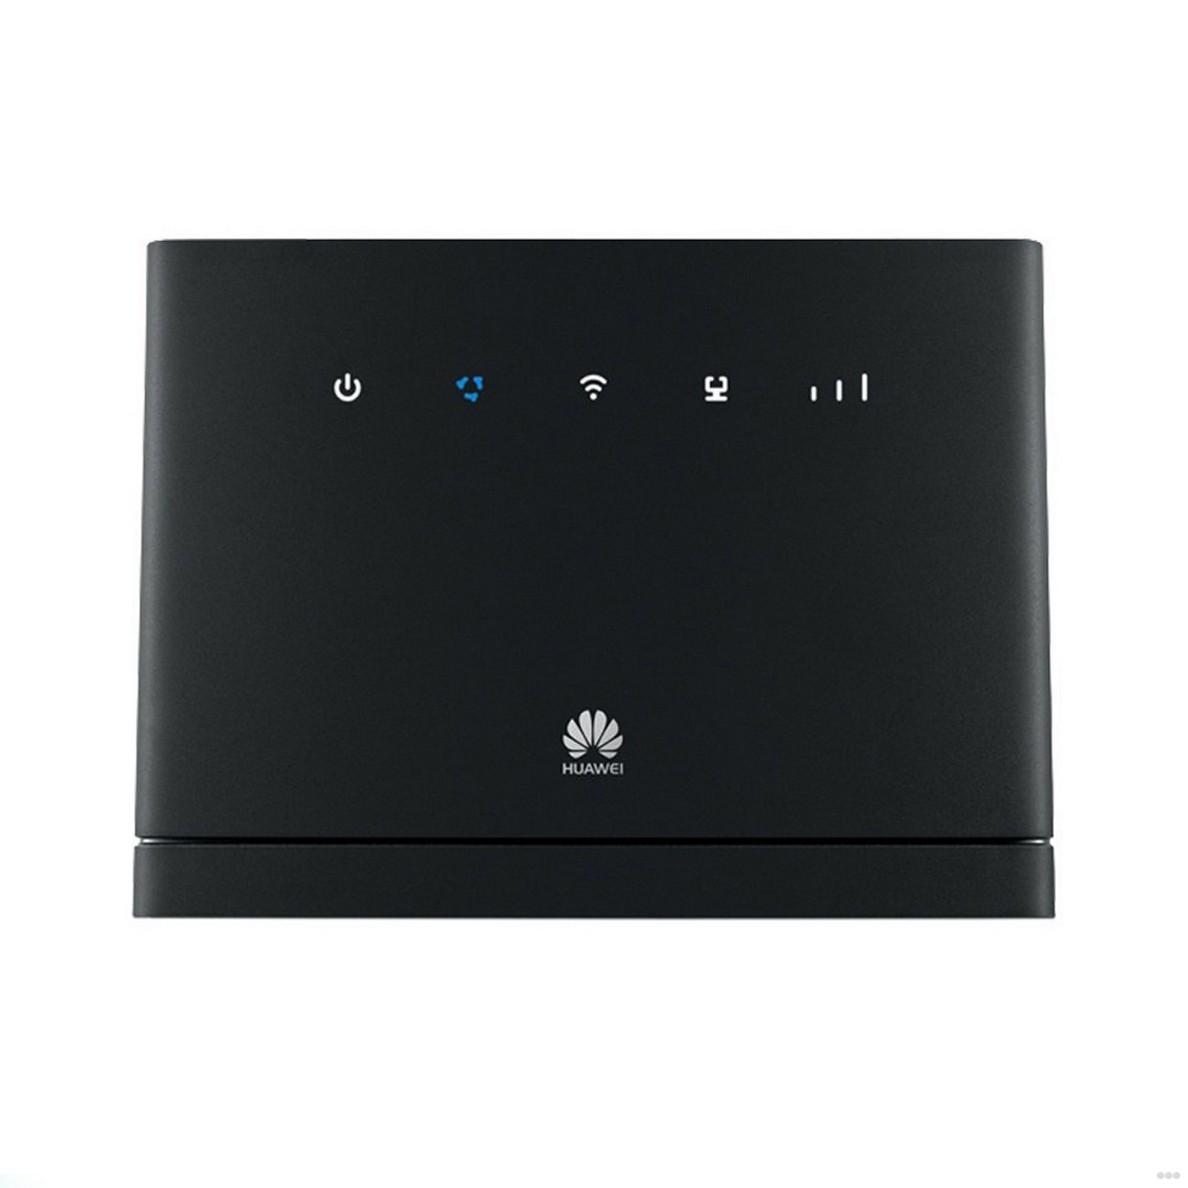 Wi-Fi роутеры Huawei: 3G и 4G, обзор моделей, настройка